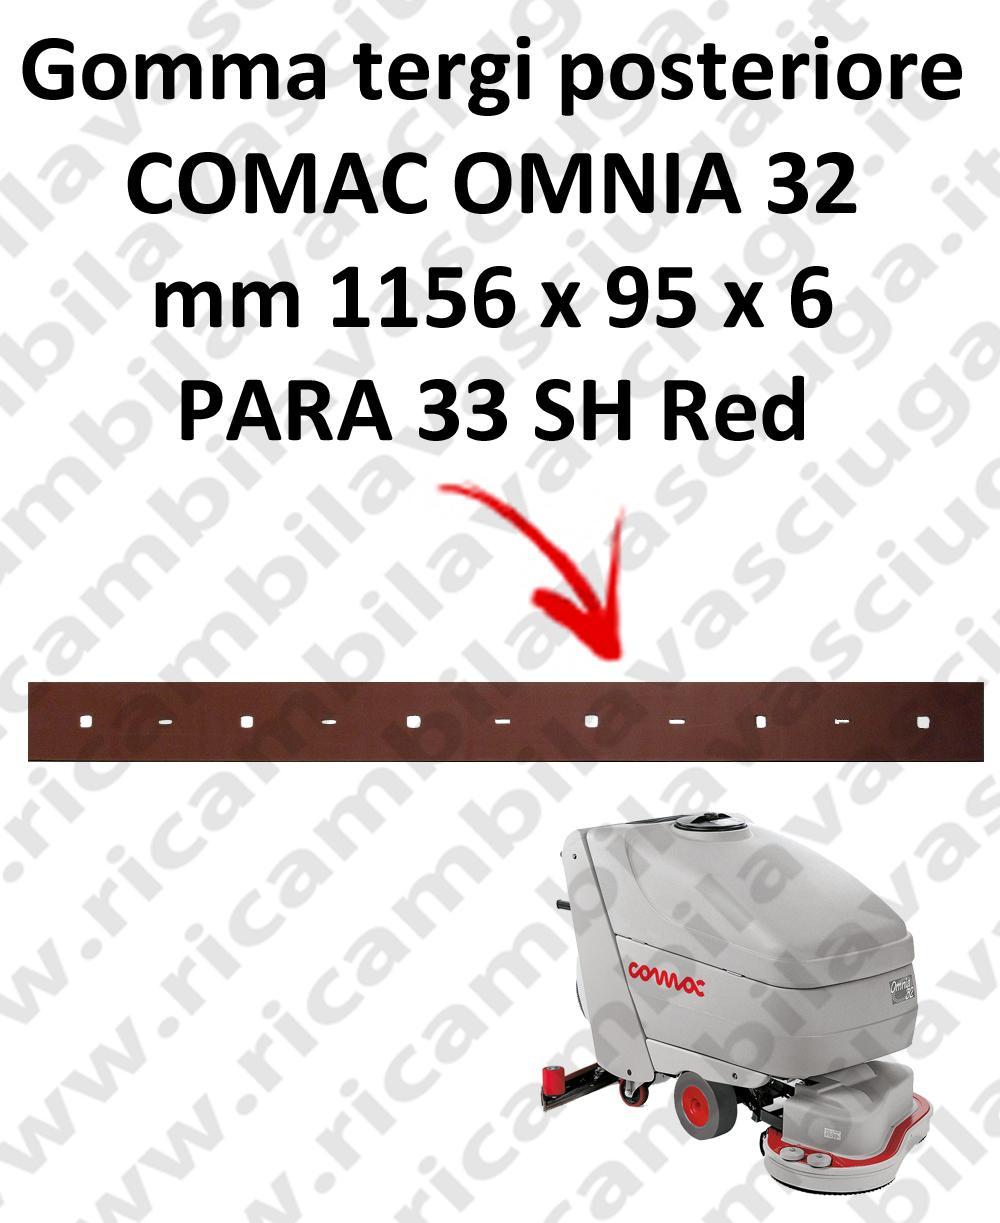 OMNIA 32 GOMMA TERGI posteriore per tergipavimento COMAC